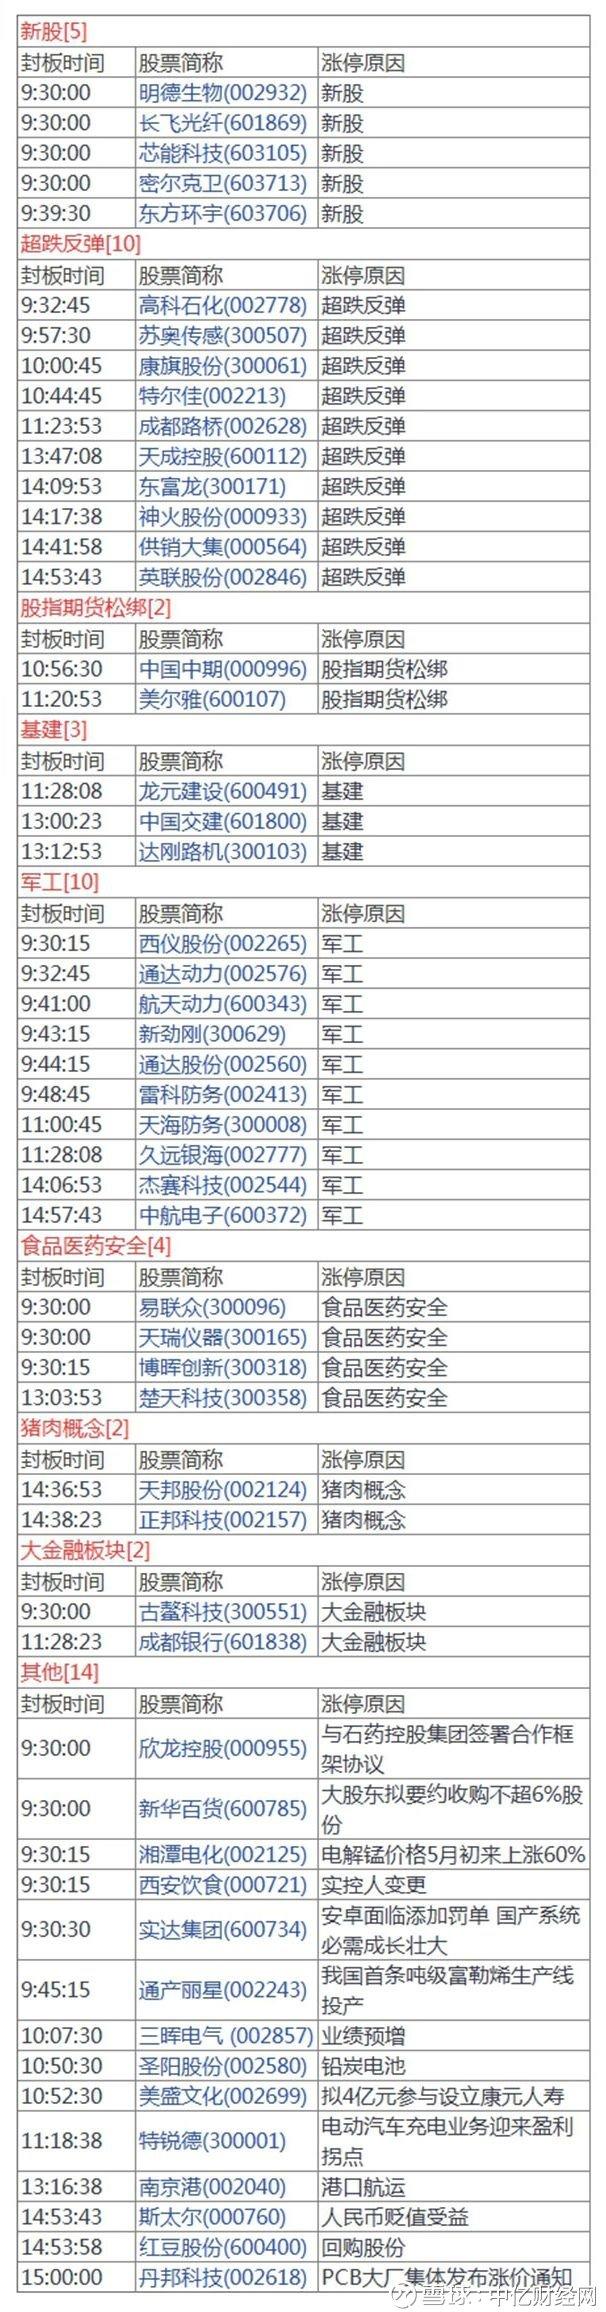 长生生物董事长高俊芳被抓了;外交部回应美国关税威胁图片